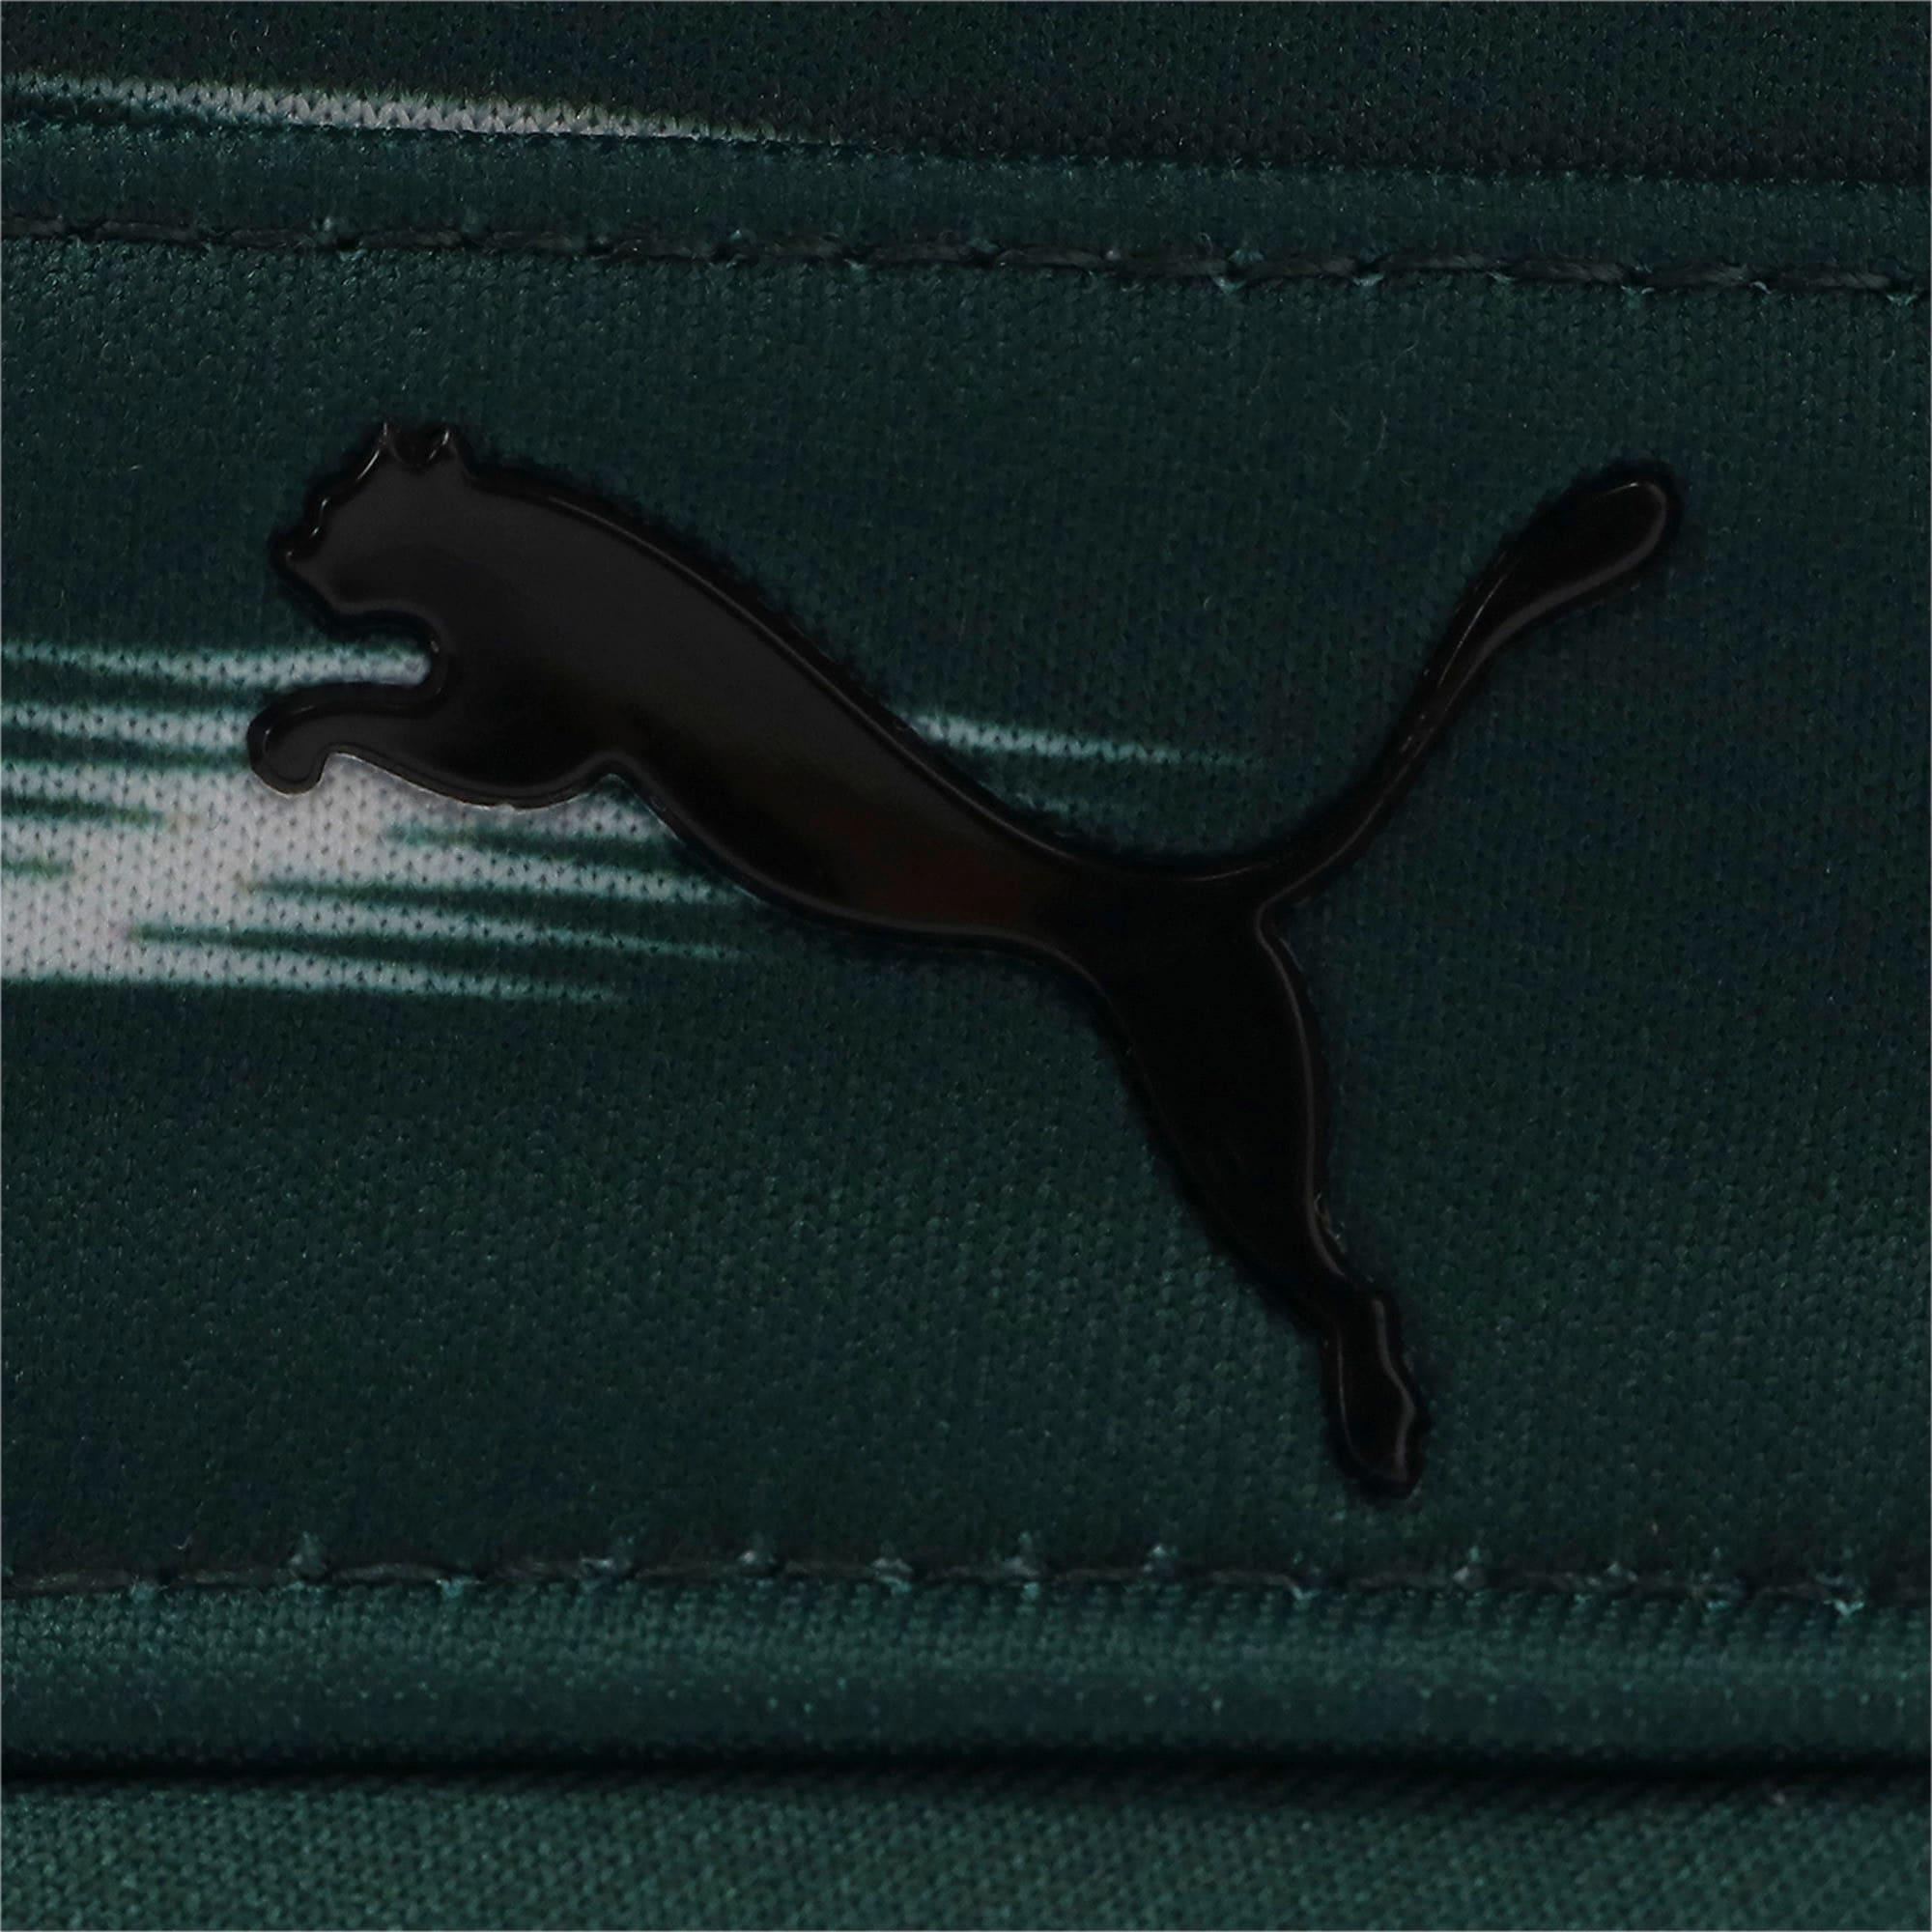 Thumbnail 3 of ゴルフ シーズナル ミリタリーキャップ, Ponderosa Pine, medium-JPN